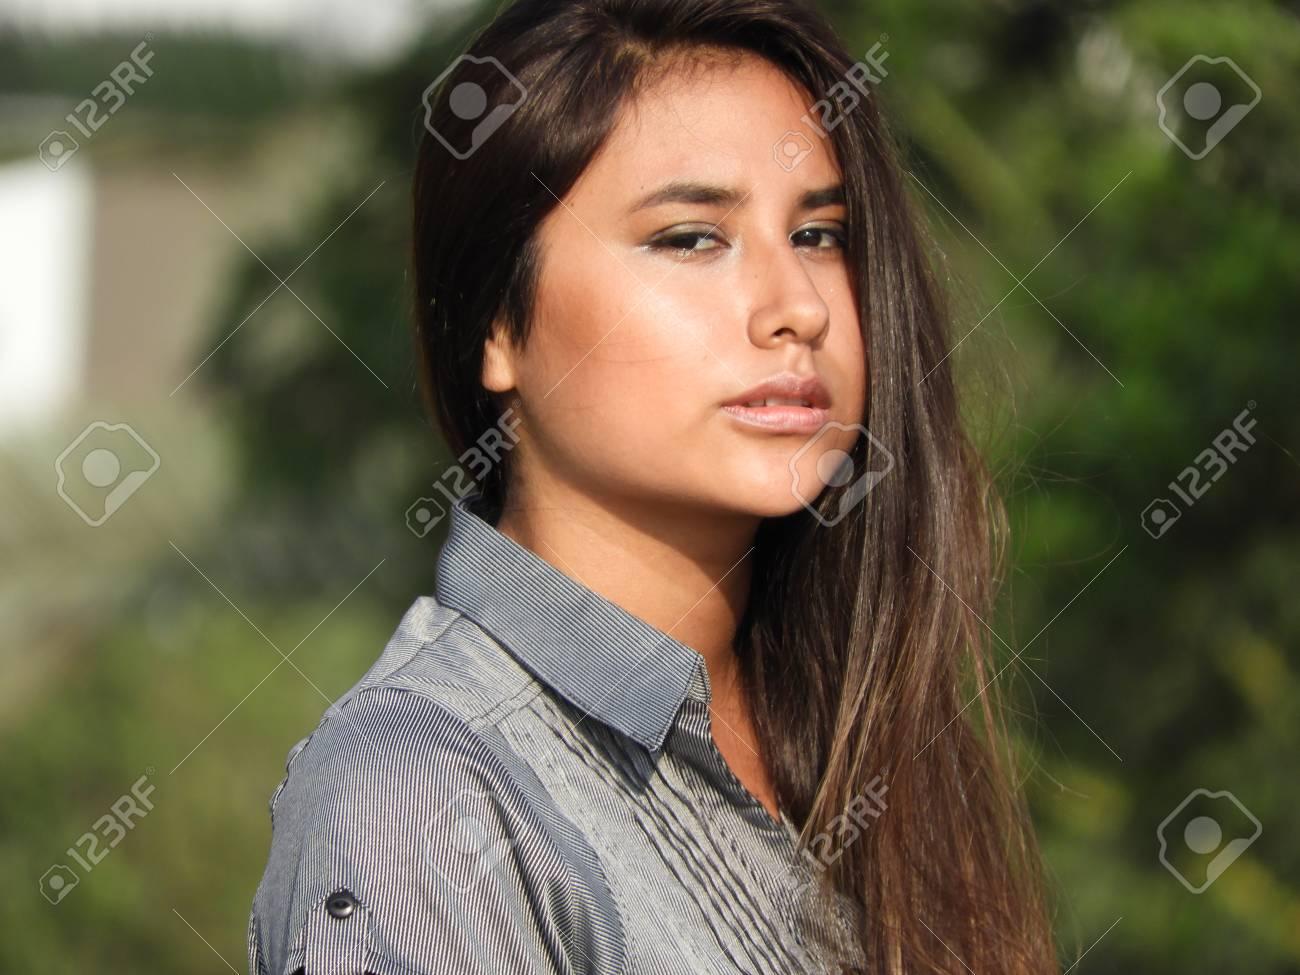 7856e8599de Mujer Peruana Bajo Estrés Fotos, Retratos, Imágenes Y Fotografía De ...